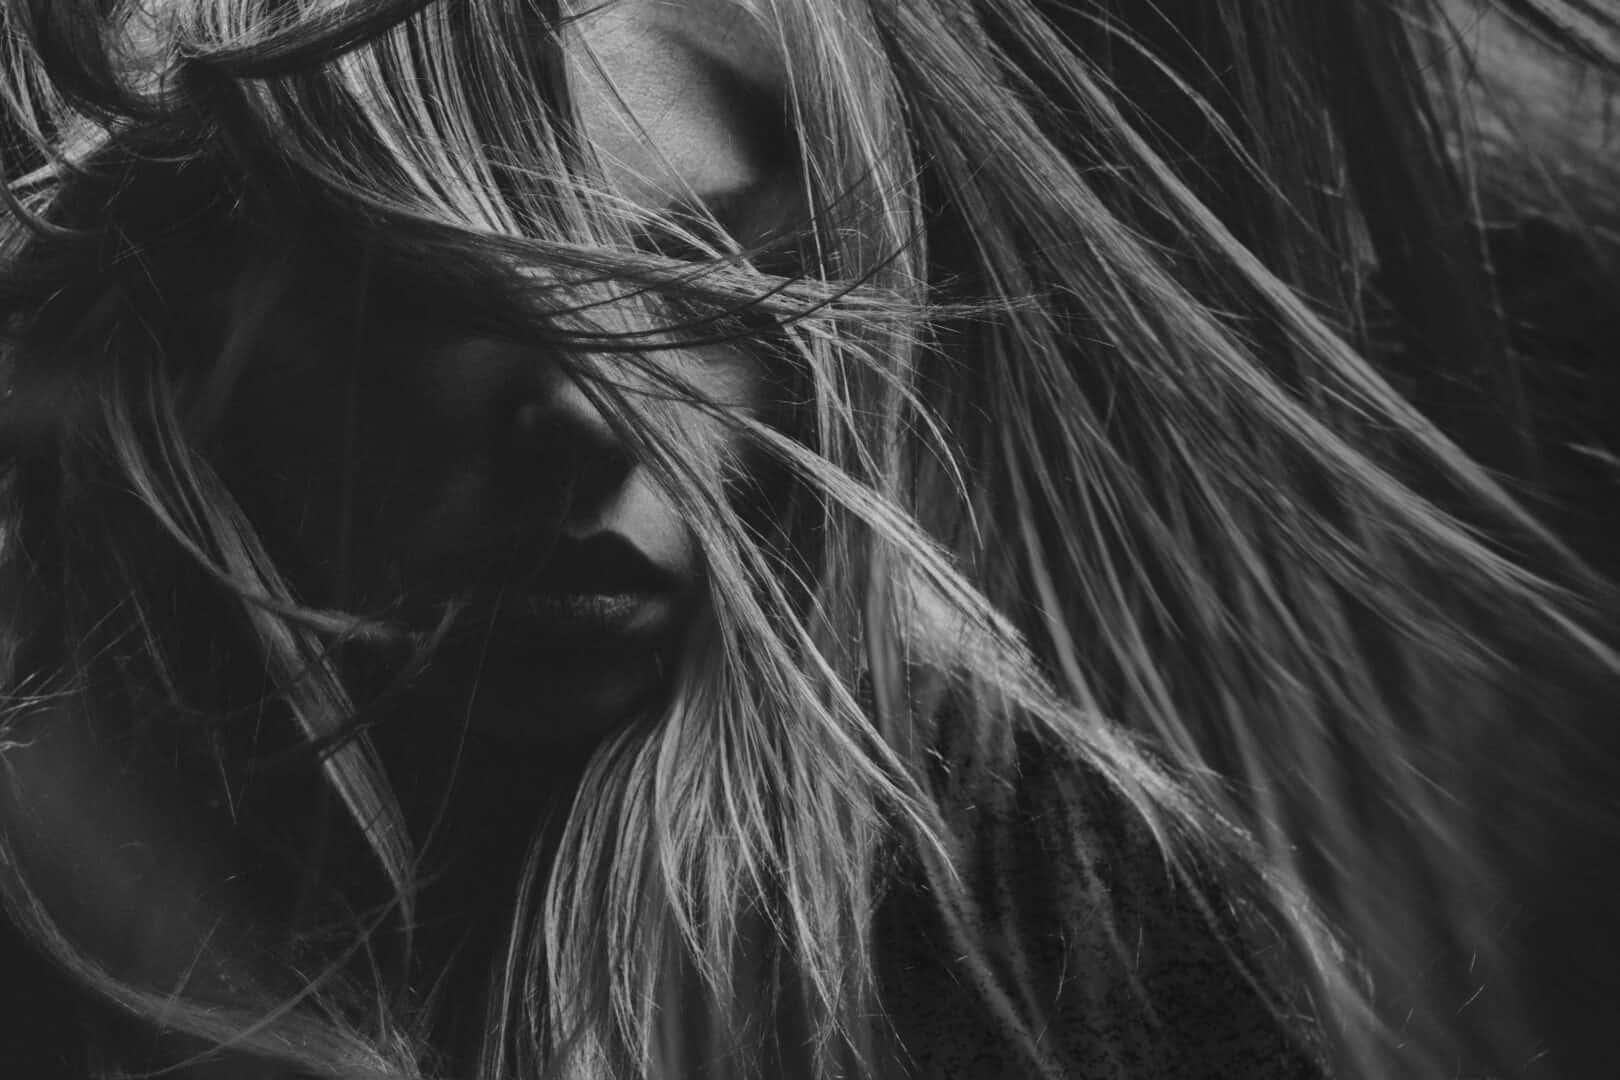 Haut, Haare, Nägel – rund um das Thema Schönheit